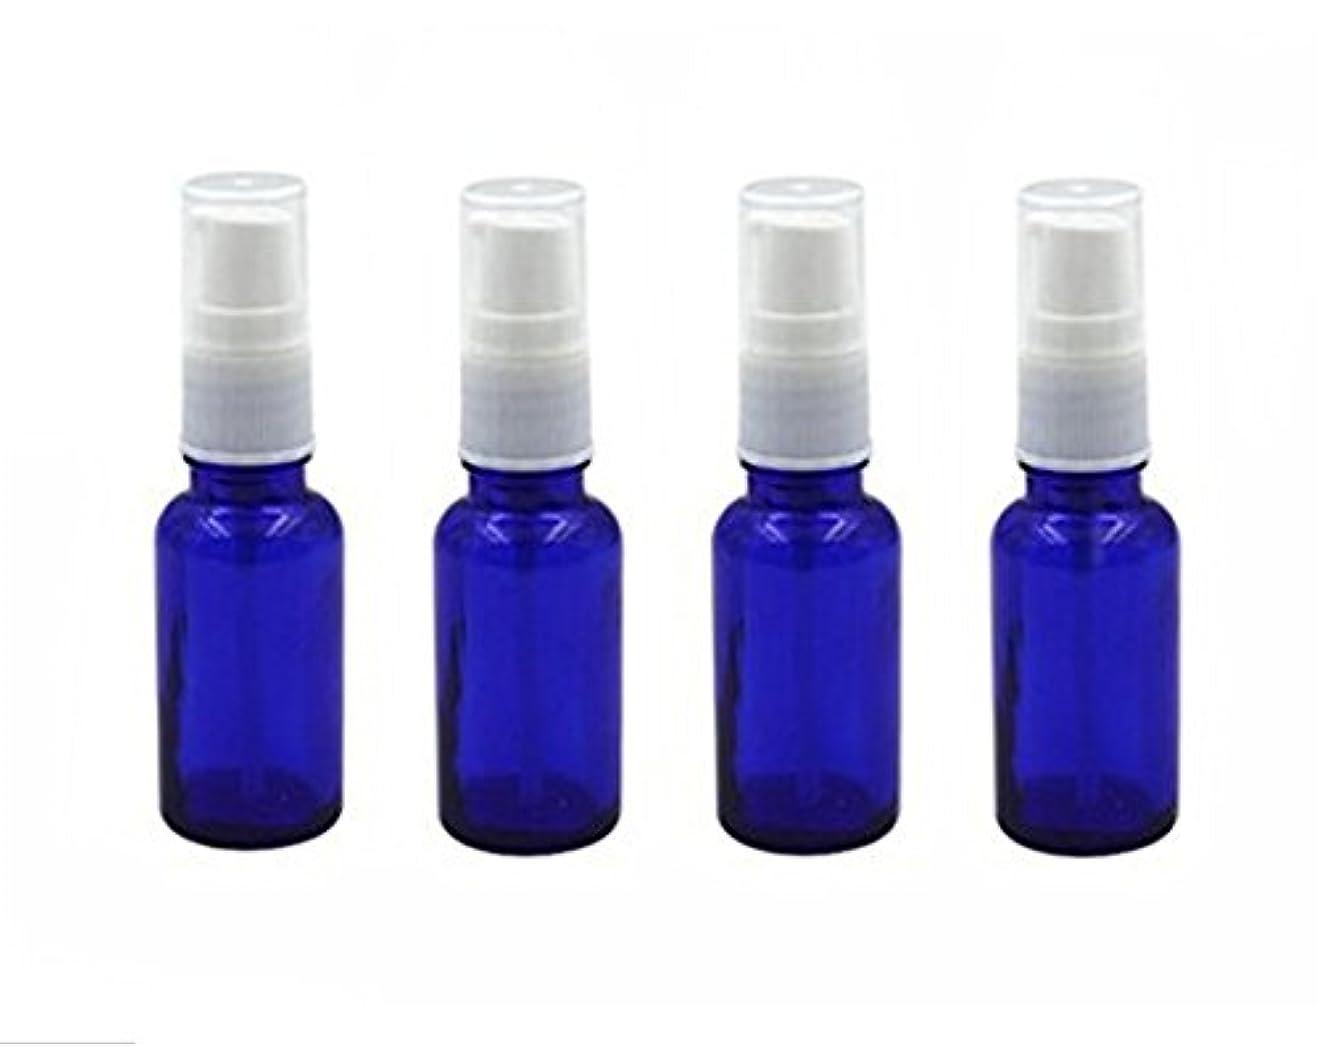 セージ遠征ドック4個10 ml / 20ml再利用可能な空ガラスポンプボトル/ホワイトプラスチックキャップ付き容器 – エッセンシャルオイルの化粧品メーキャップディスペンサーシャンプーサンプルボトル押し (10 ML, ブルー)